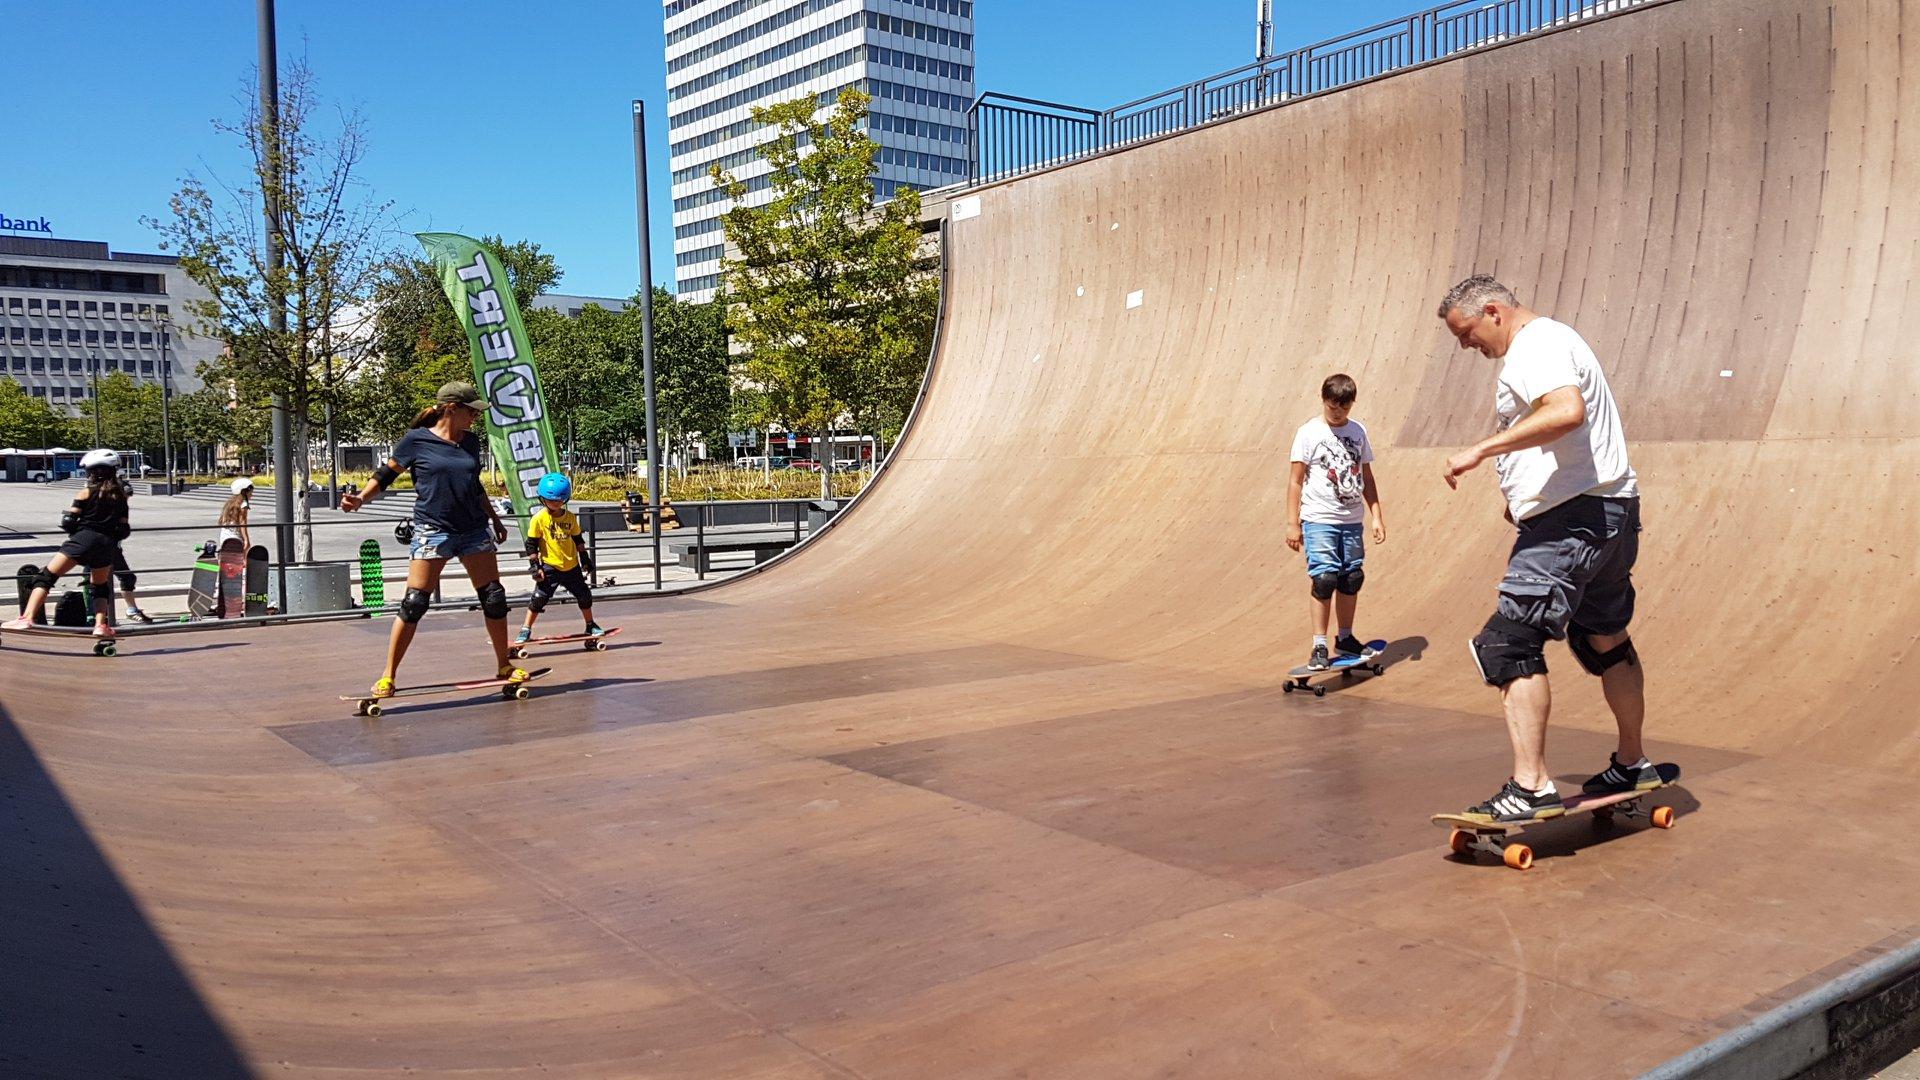 Am Halfpipe-Skaten haben auch die völlig ungeübten Eltern spontan großen Spass